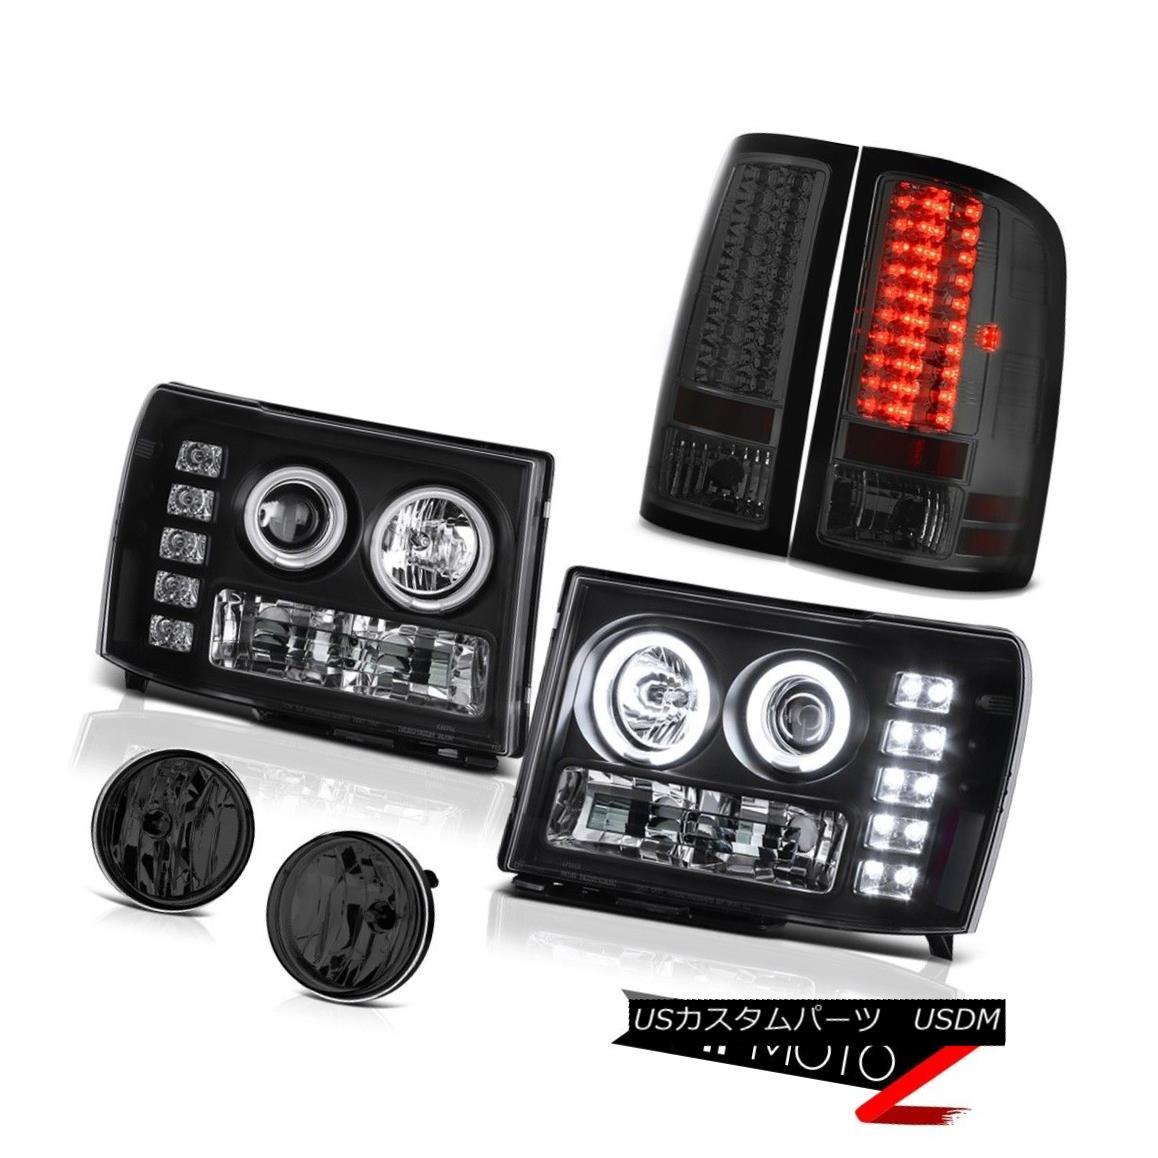 ヘッドライト Fluorescence Halo Headlight Smoked LED Taillamps Driving Fog 07-13 Sierra GMT912 蛍光灯ヘッドライトスモークLEDタイルランプドライビングフォグ07-13 Sierra GMT912